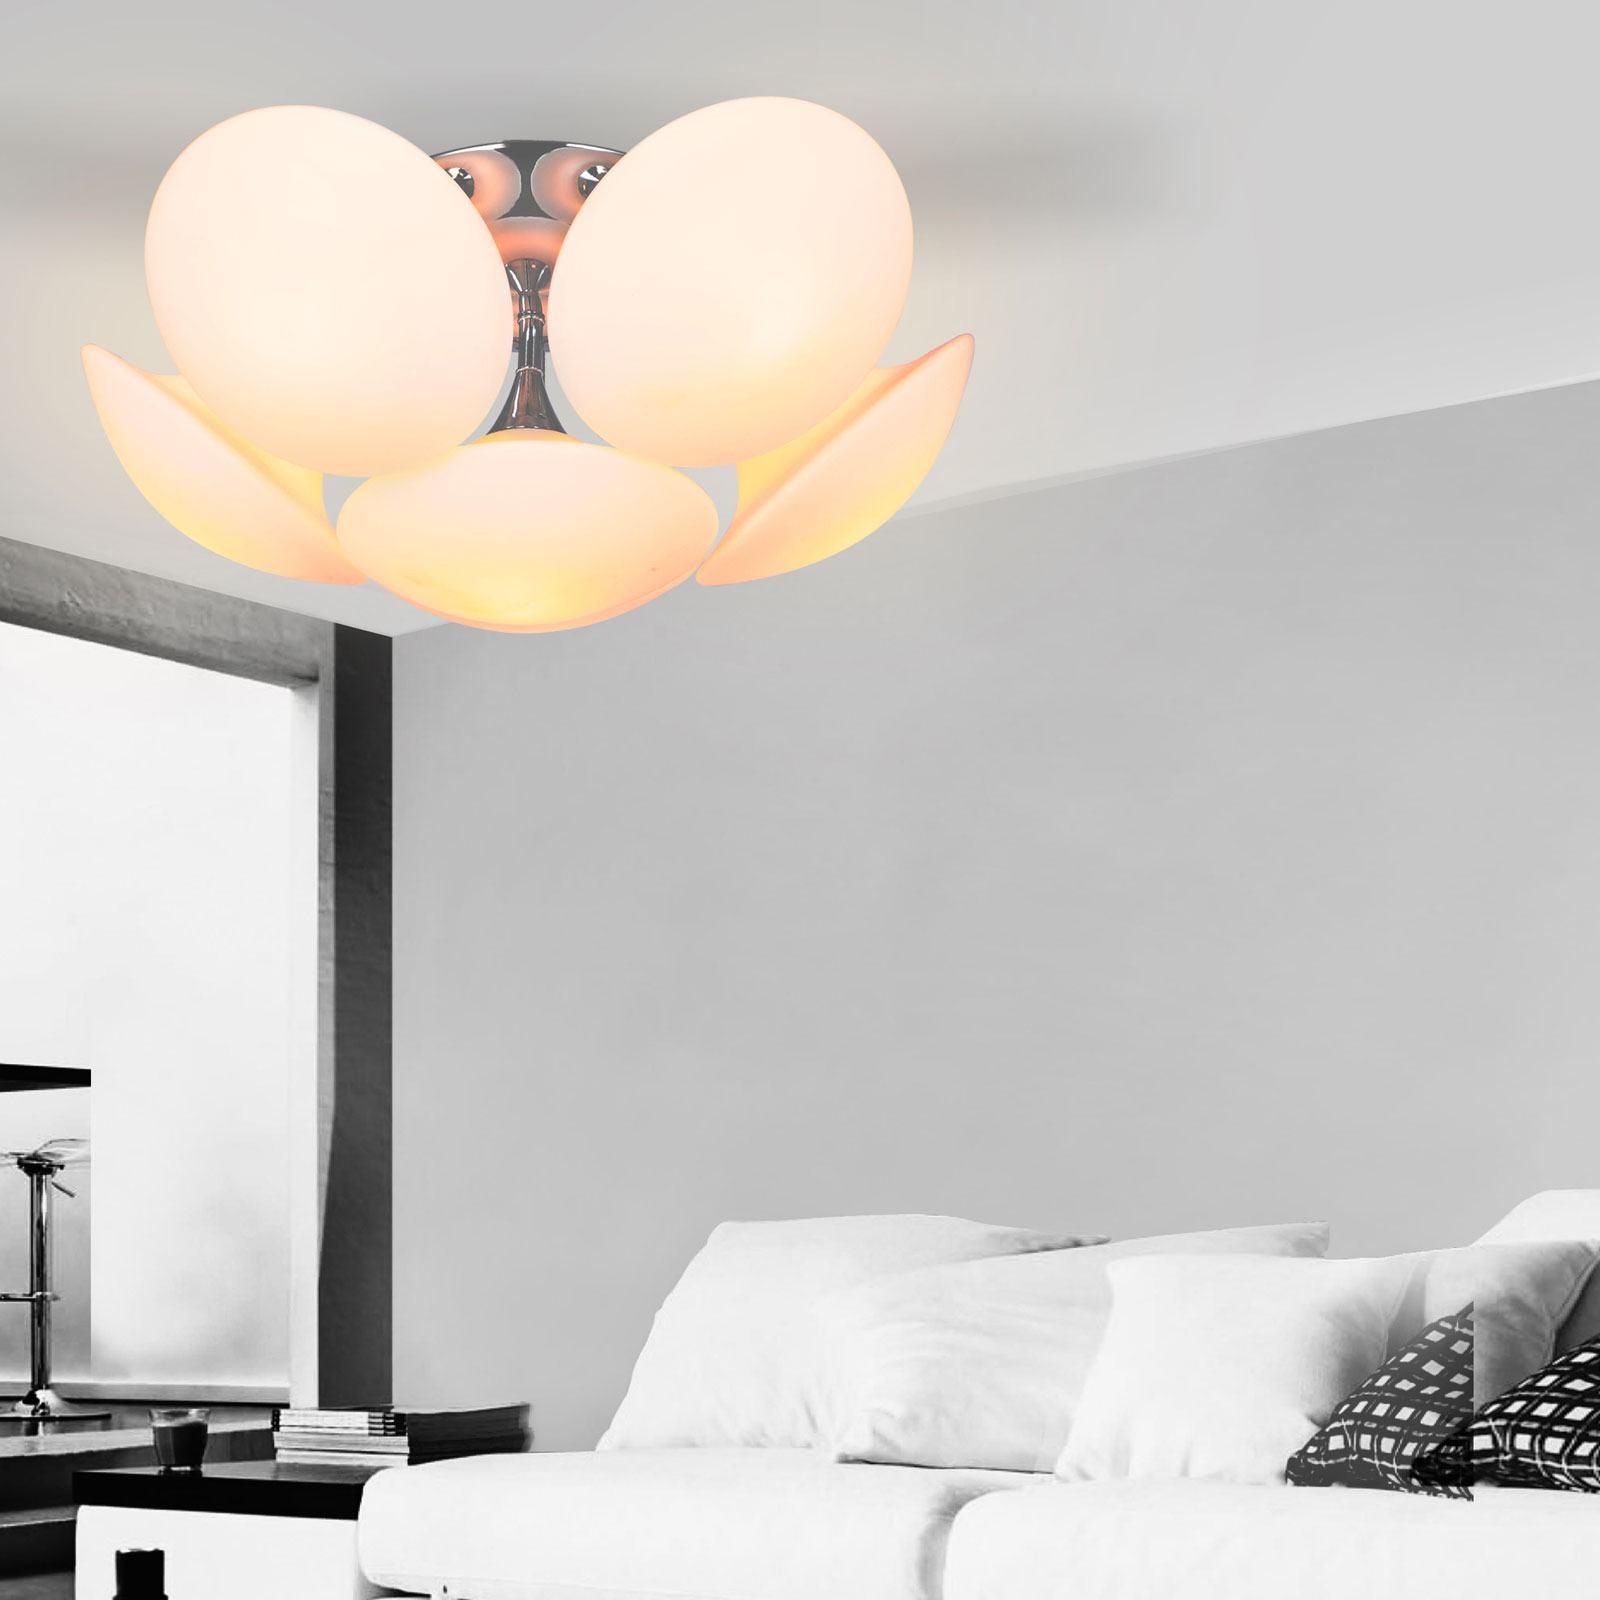 Full Size of Deckenleuchten Wohnzimmer Design Led Deckenlampe 6 Falmmig Deckenleuchte Glas Heizkörper Bad Teppiche Teppich Deckenstrahler Relaxliege Hängeleuchte Bilder Wohnzimmer Deckenleuchten Wohnzimmer